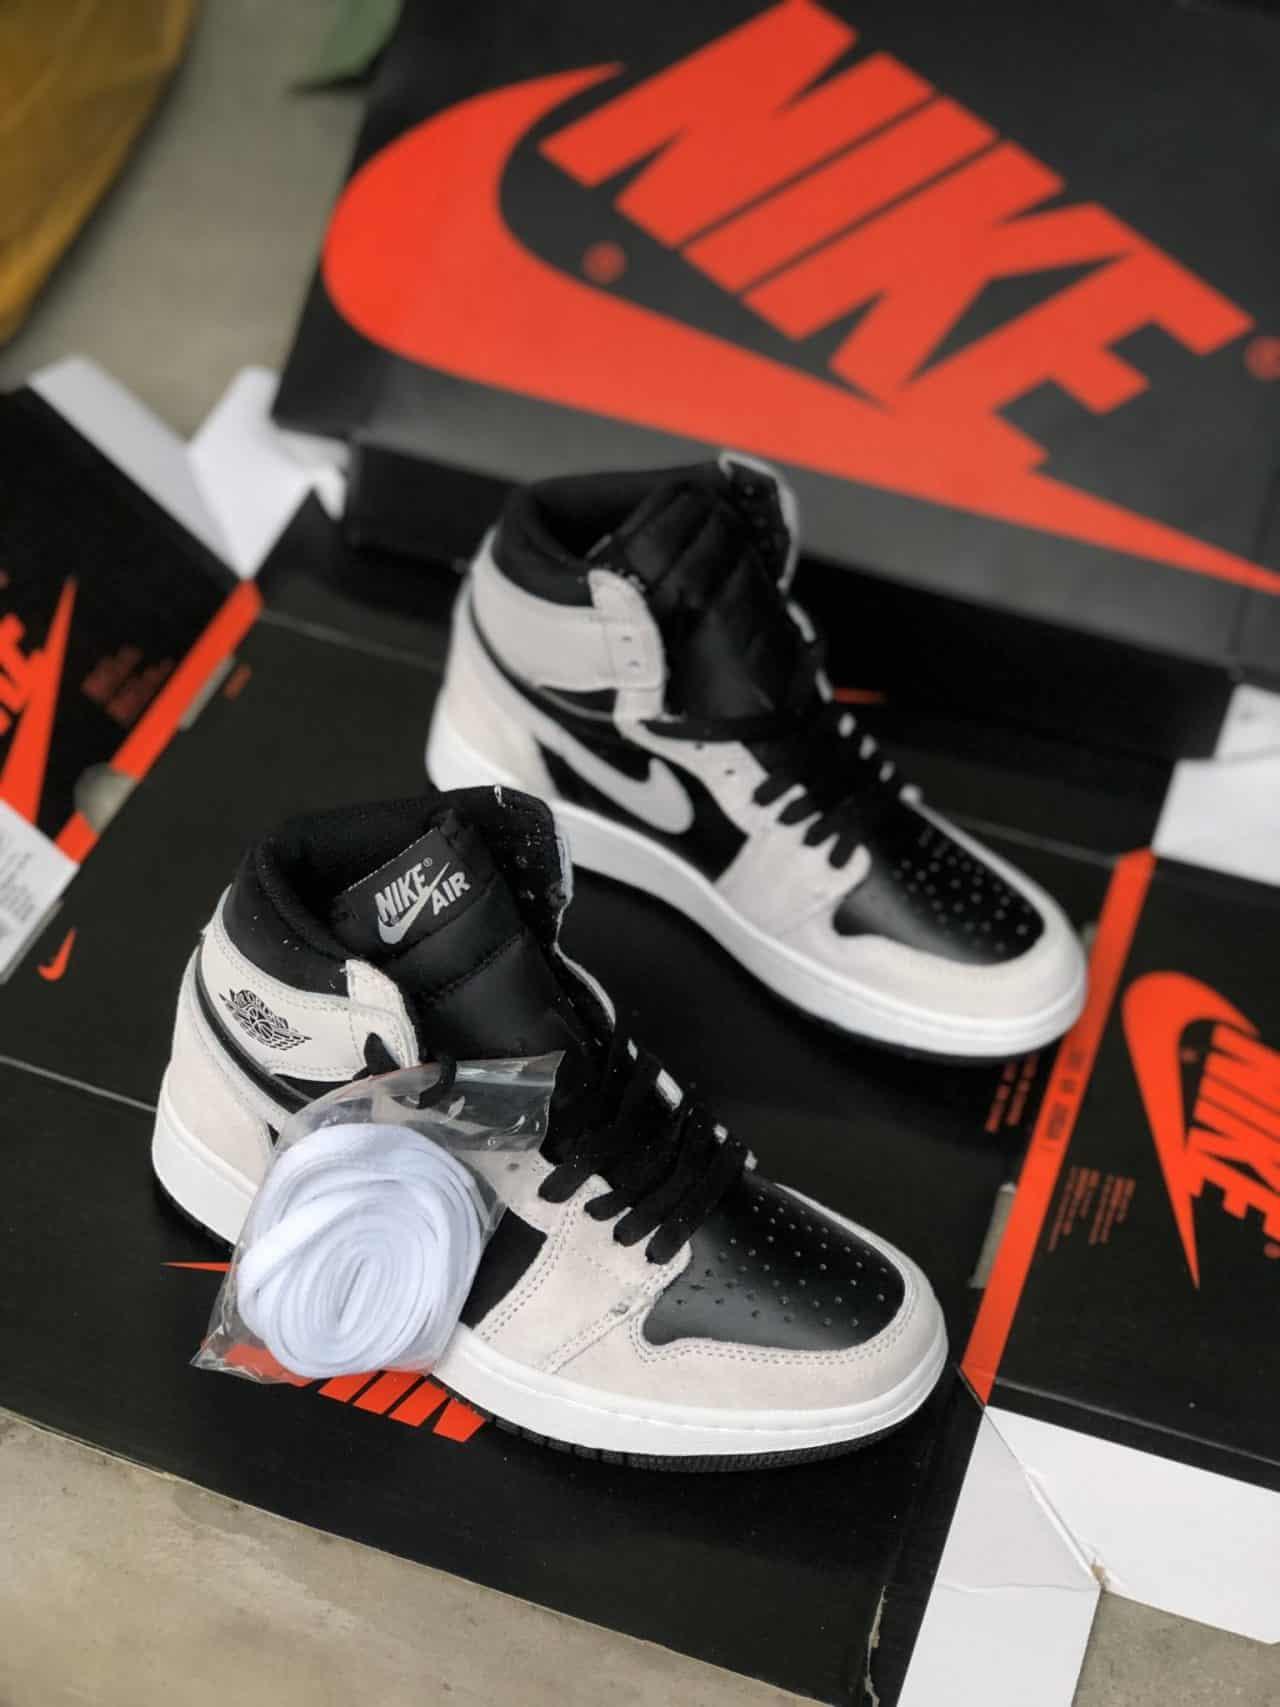 Giày Nike Air Jordan 1 có thiết kế mạnh mẽ, đường may tỉ mỉ